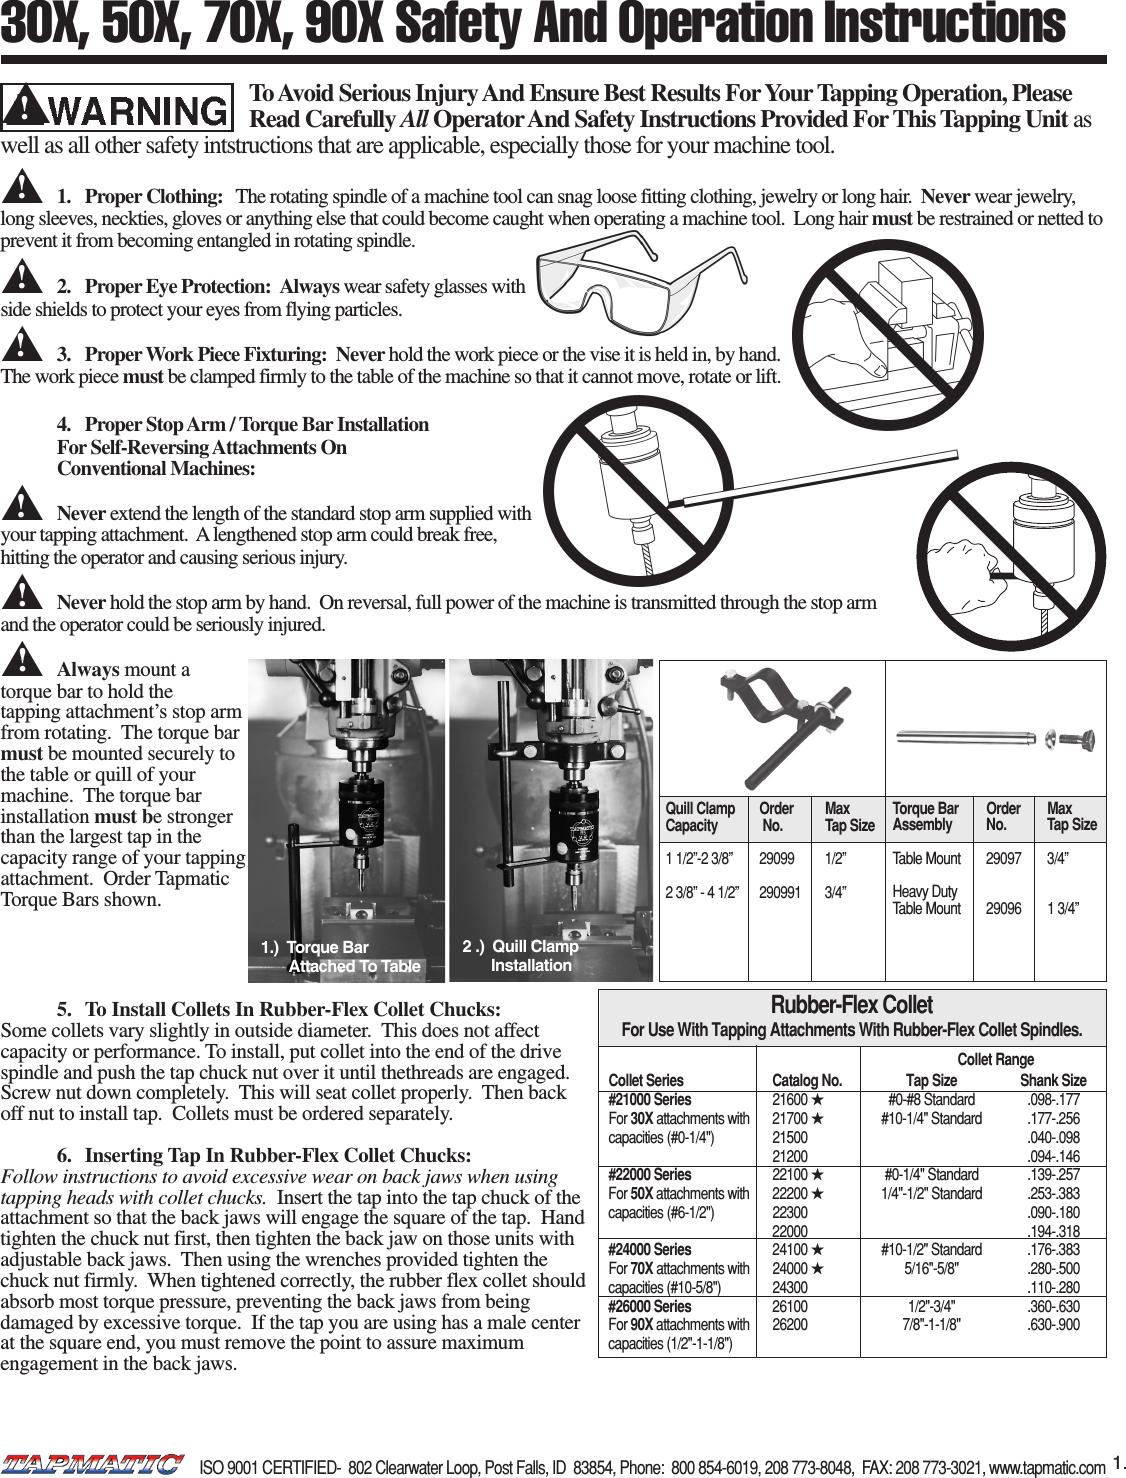 Princeton Vl193 Manual Battery Diagram 1gif 528 Kb 267 Views Array 135202 Rh Elzplorers De